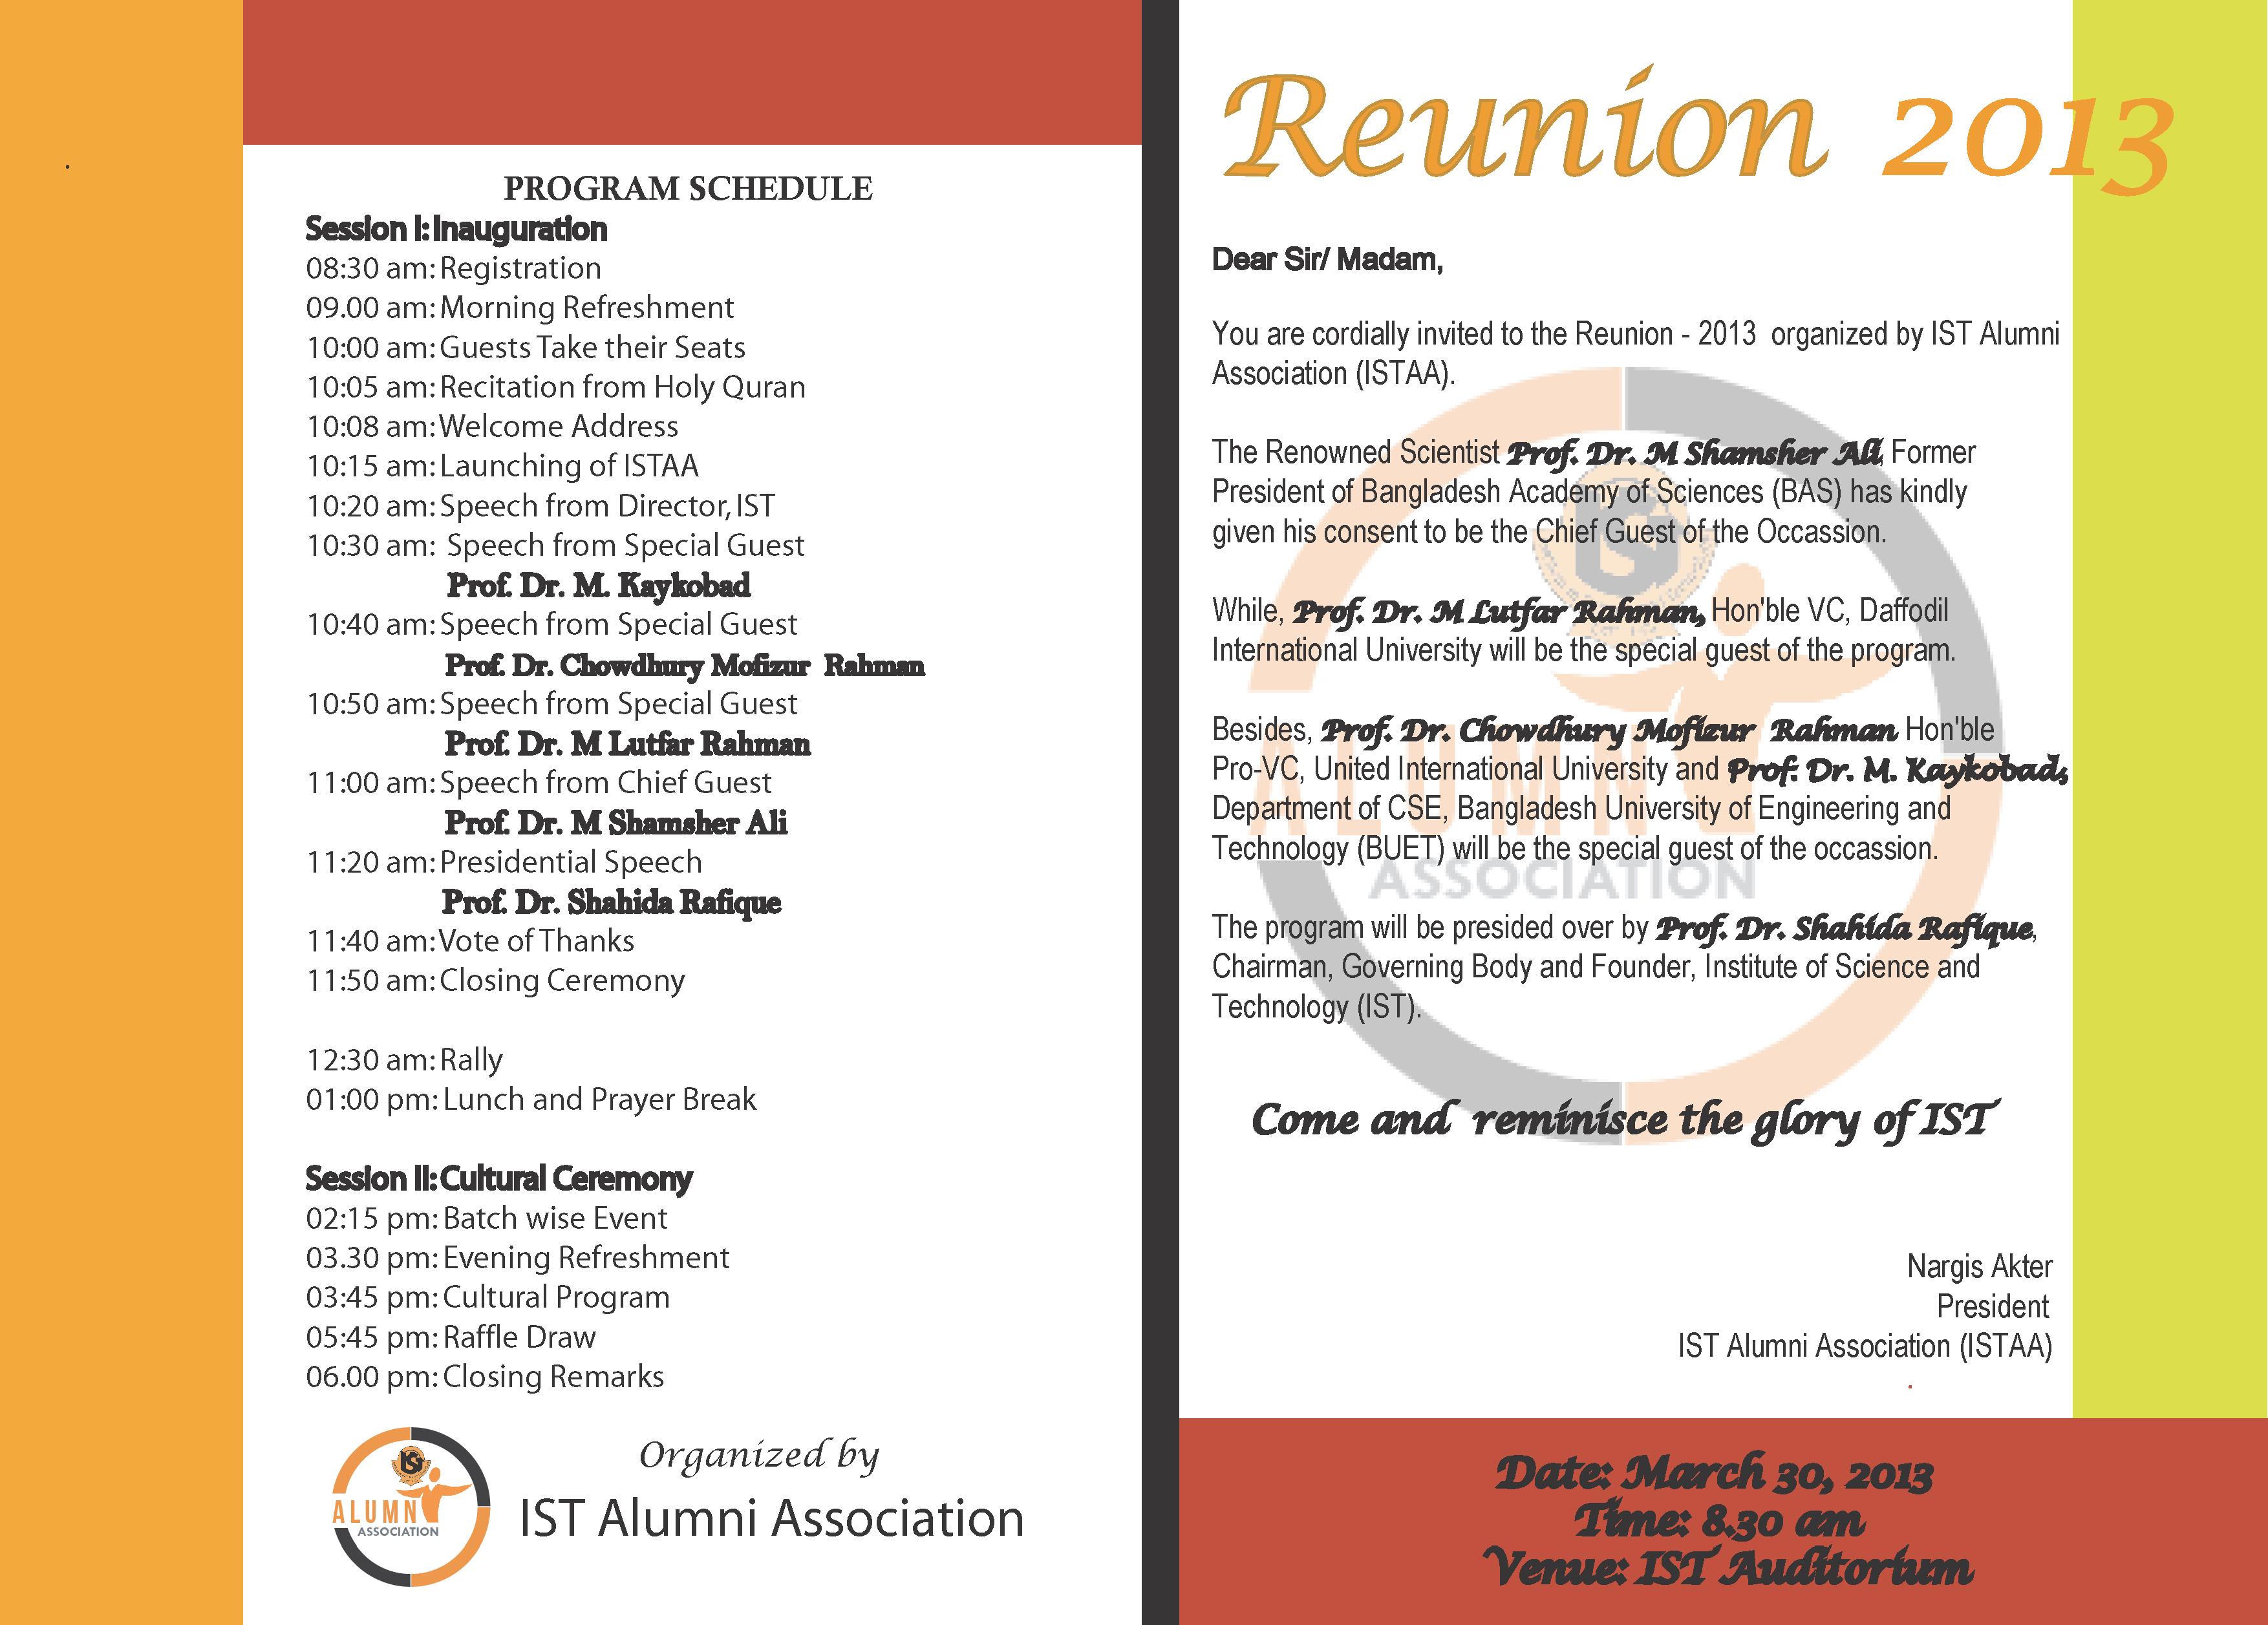 invitation letter for reunion | Invitationswedd.org